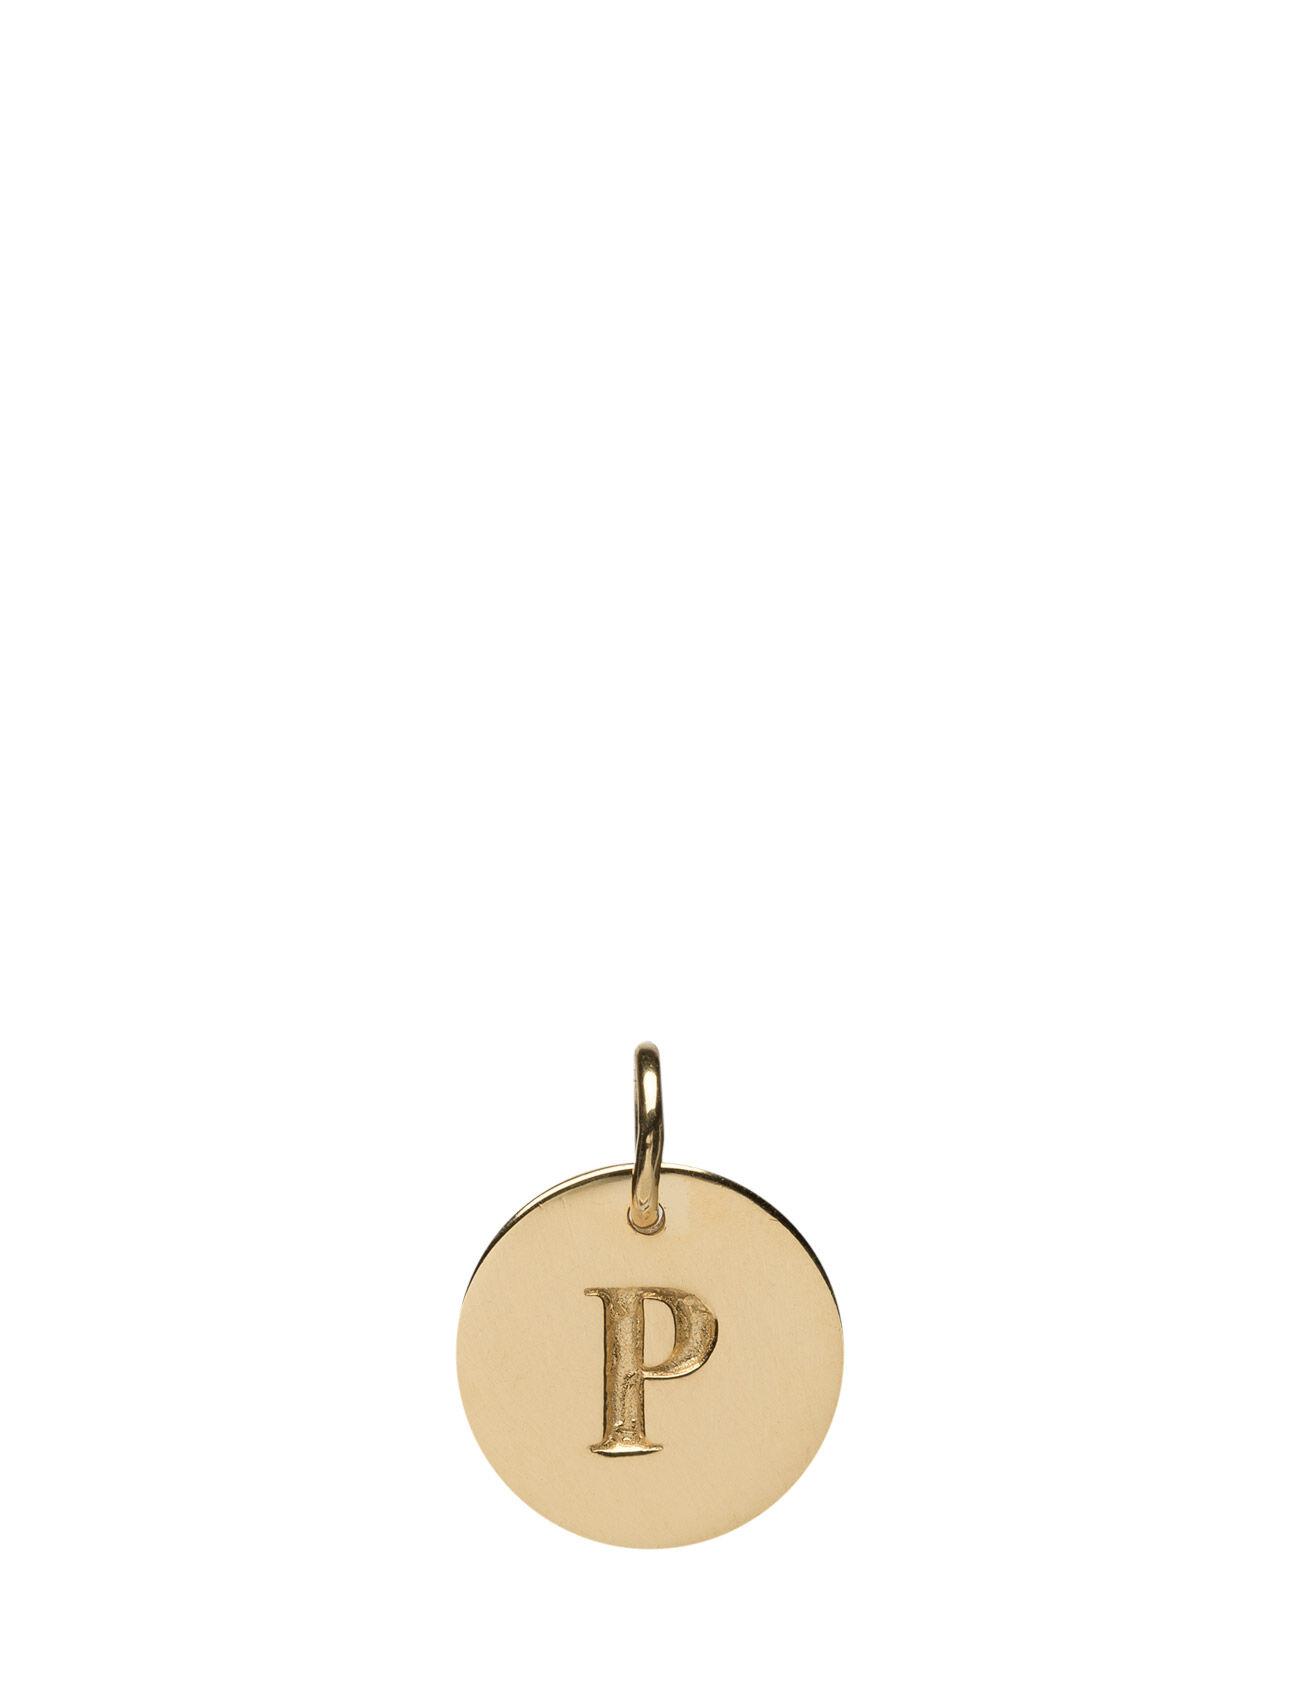 Syster P Beloved Letter Gold